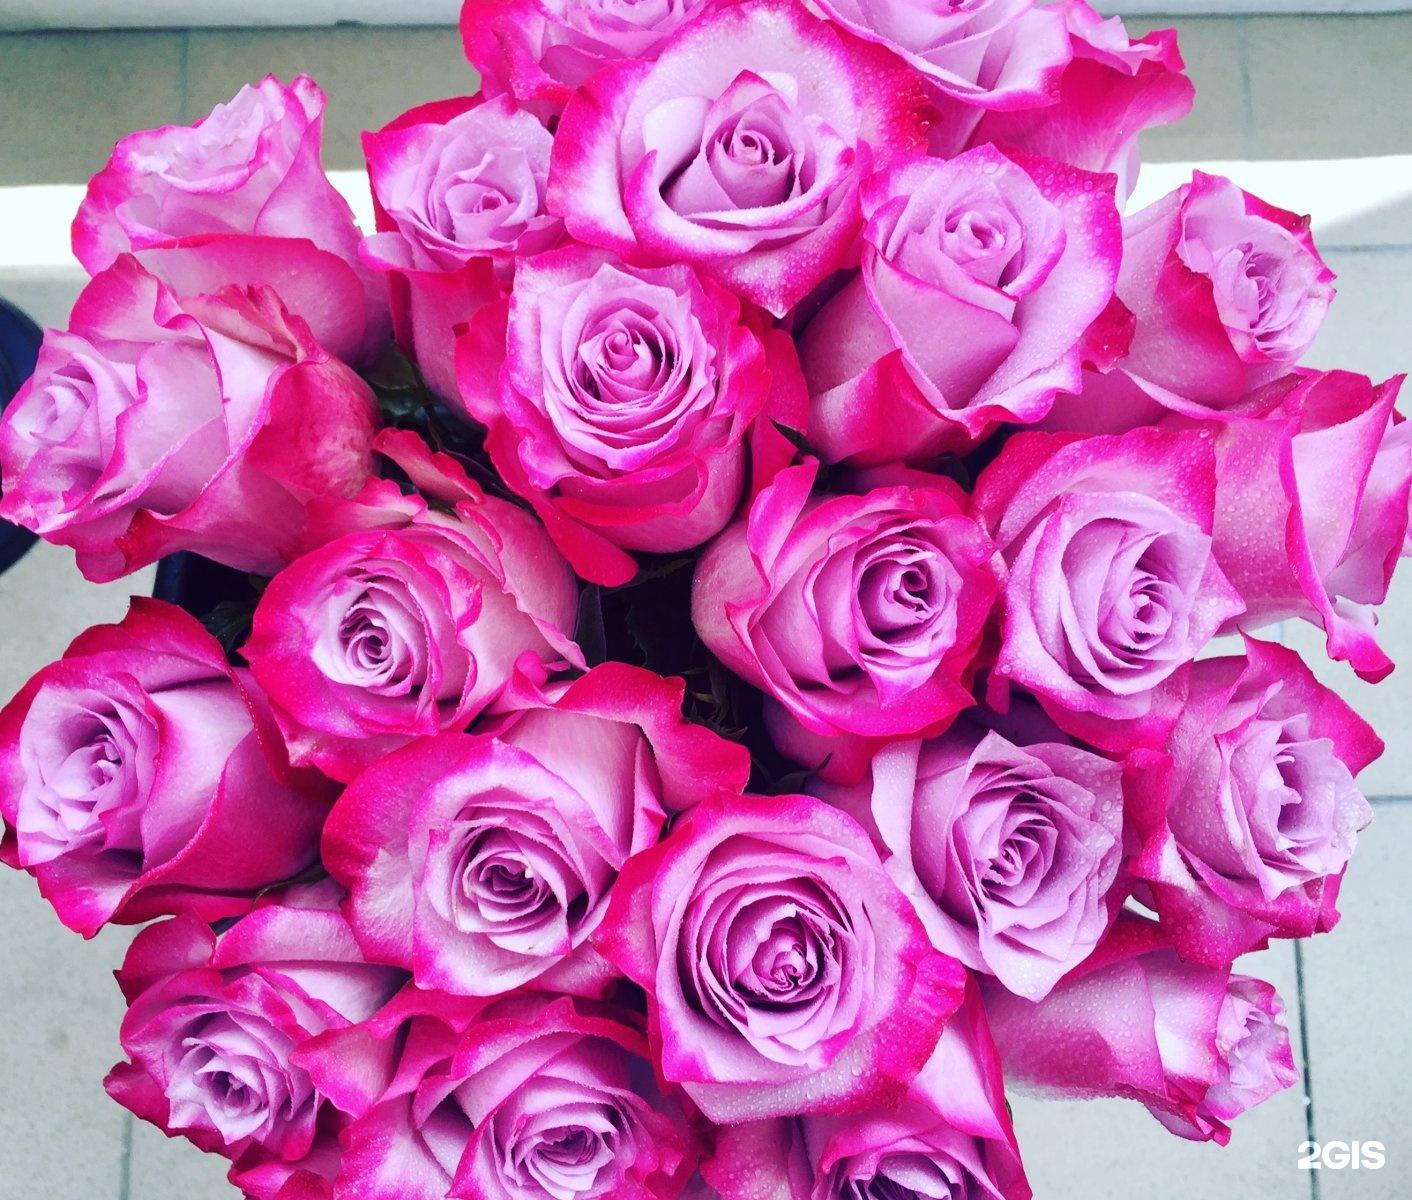 Оптом цветы в набережные челны, подарки доставкой москва